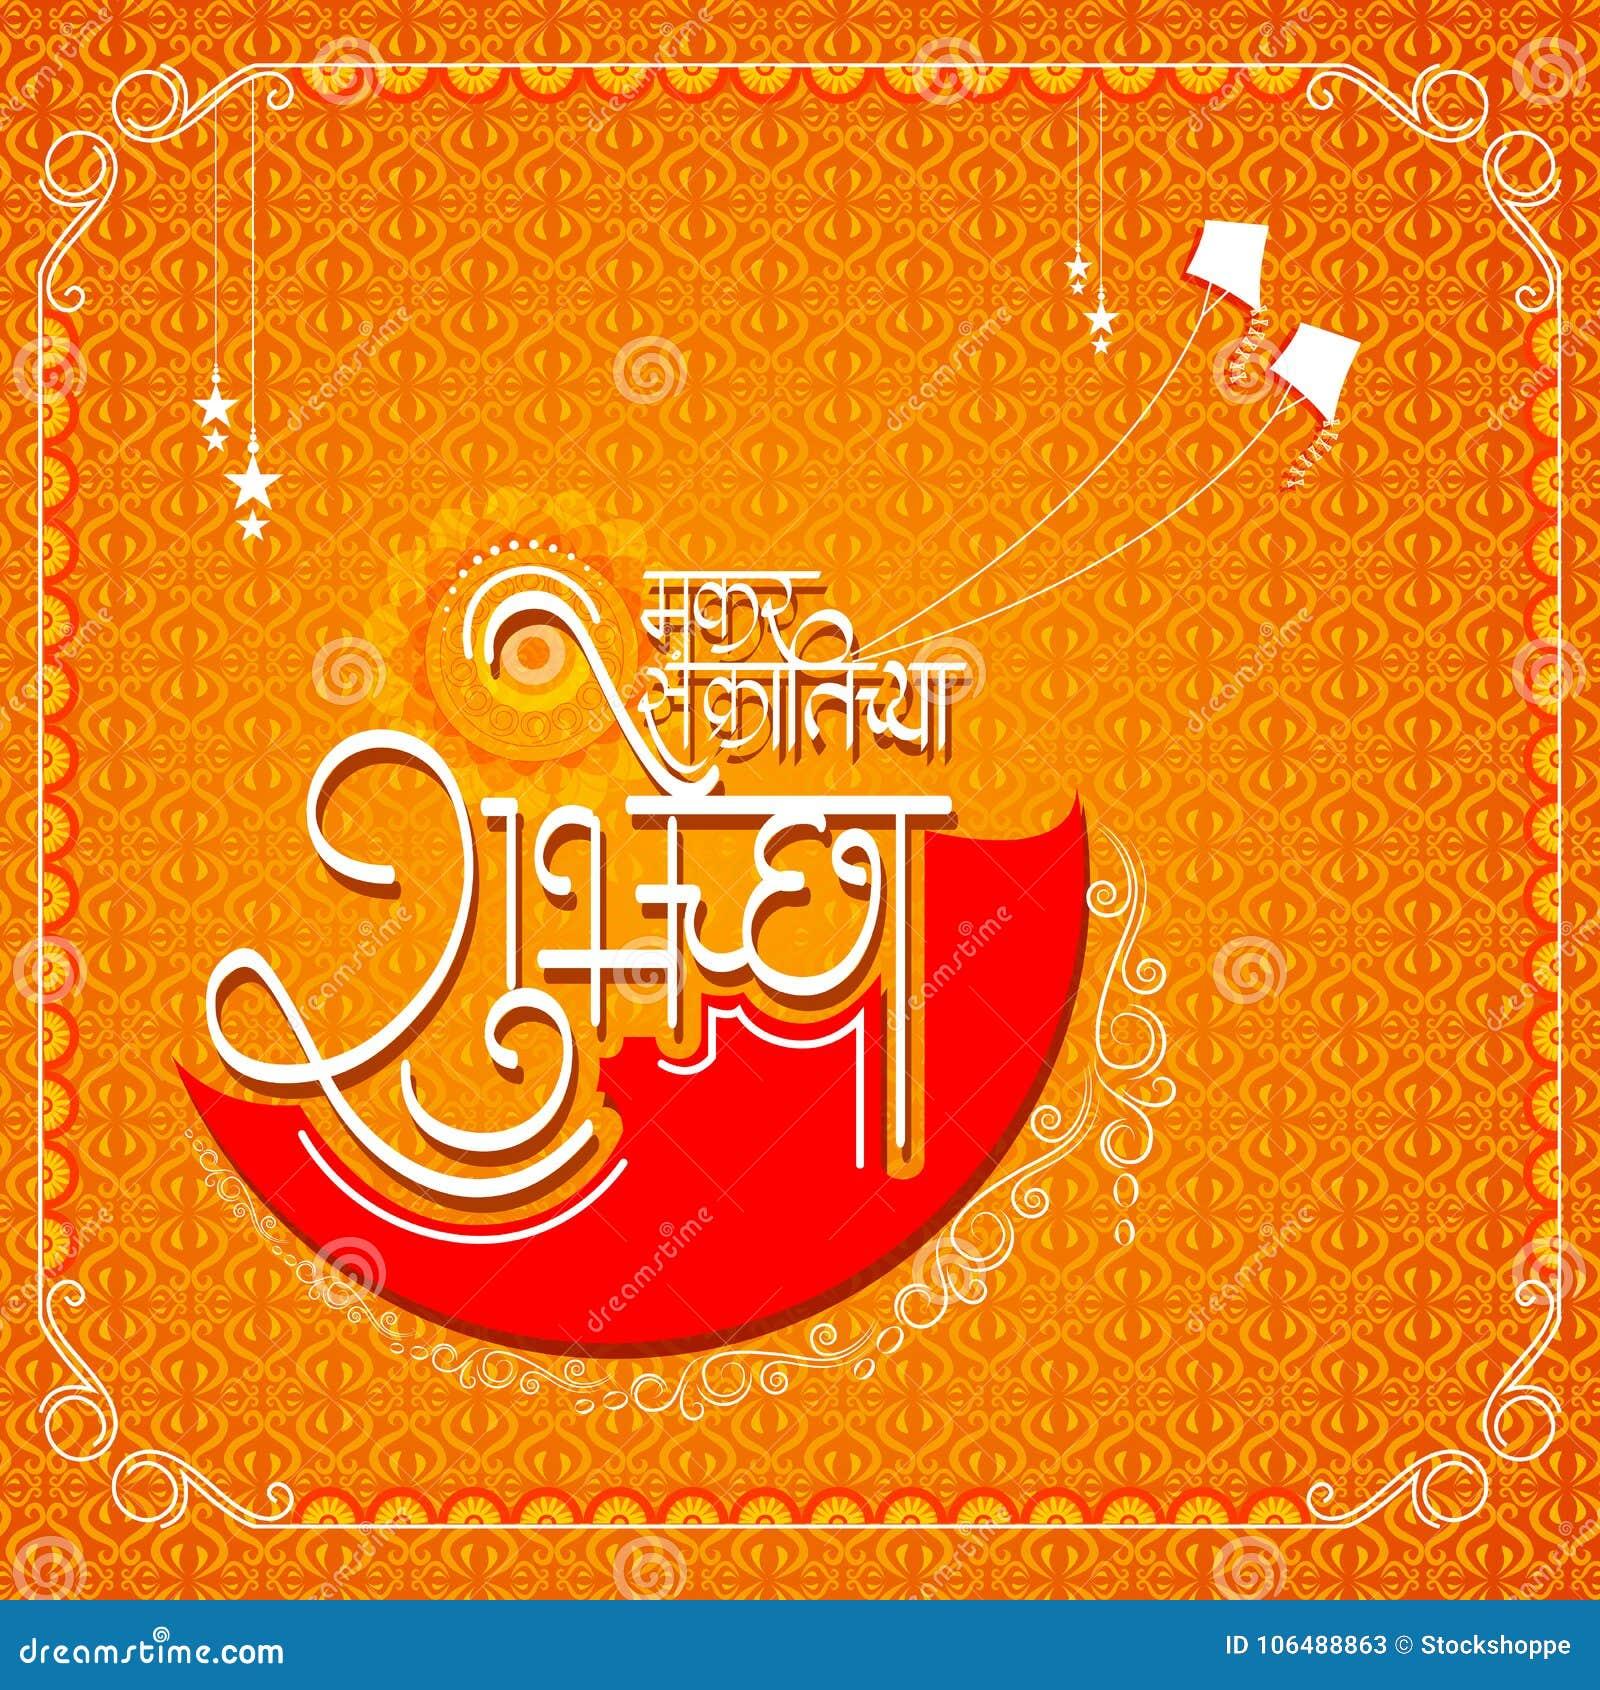 Happy Makar Sankranti Holiday India Festival Background Stock Vector